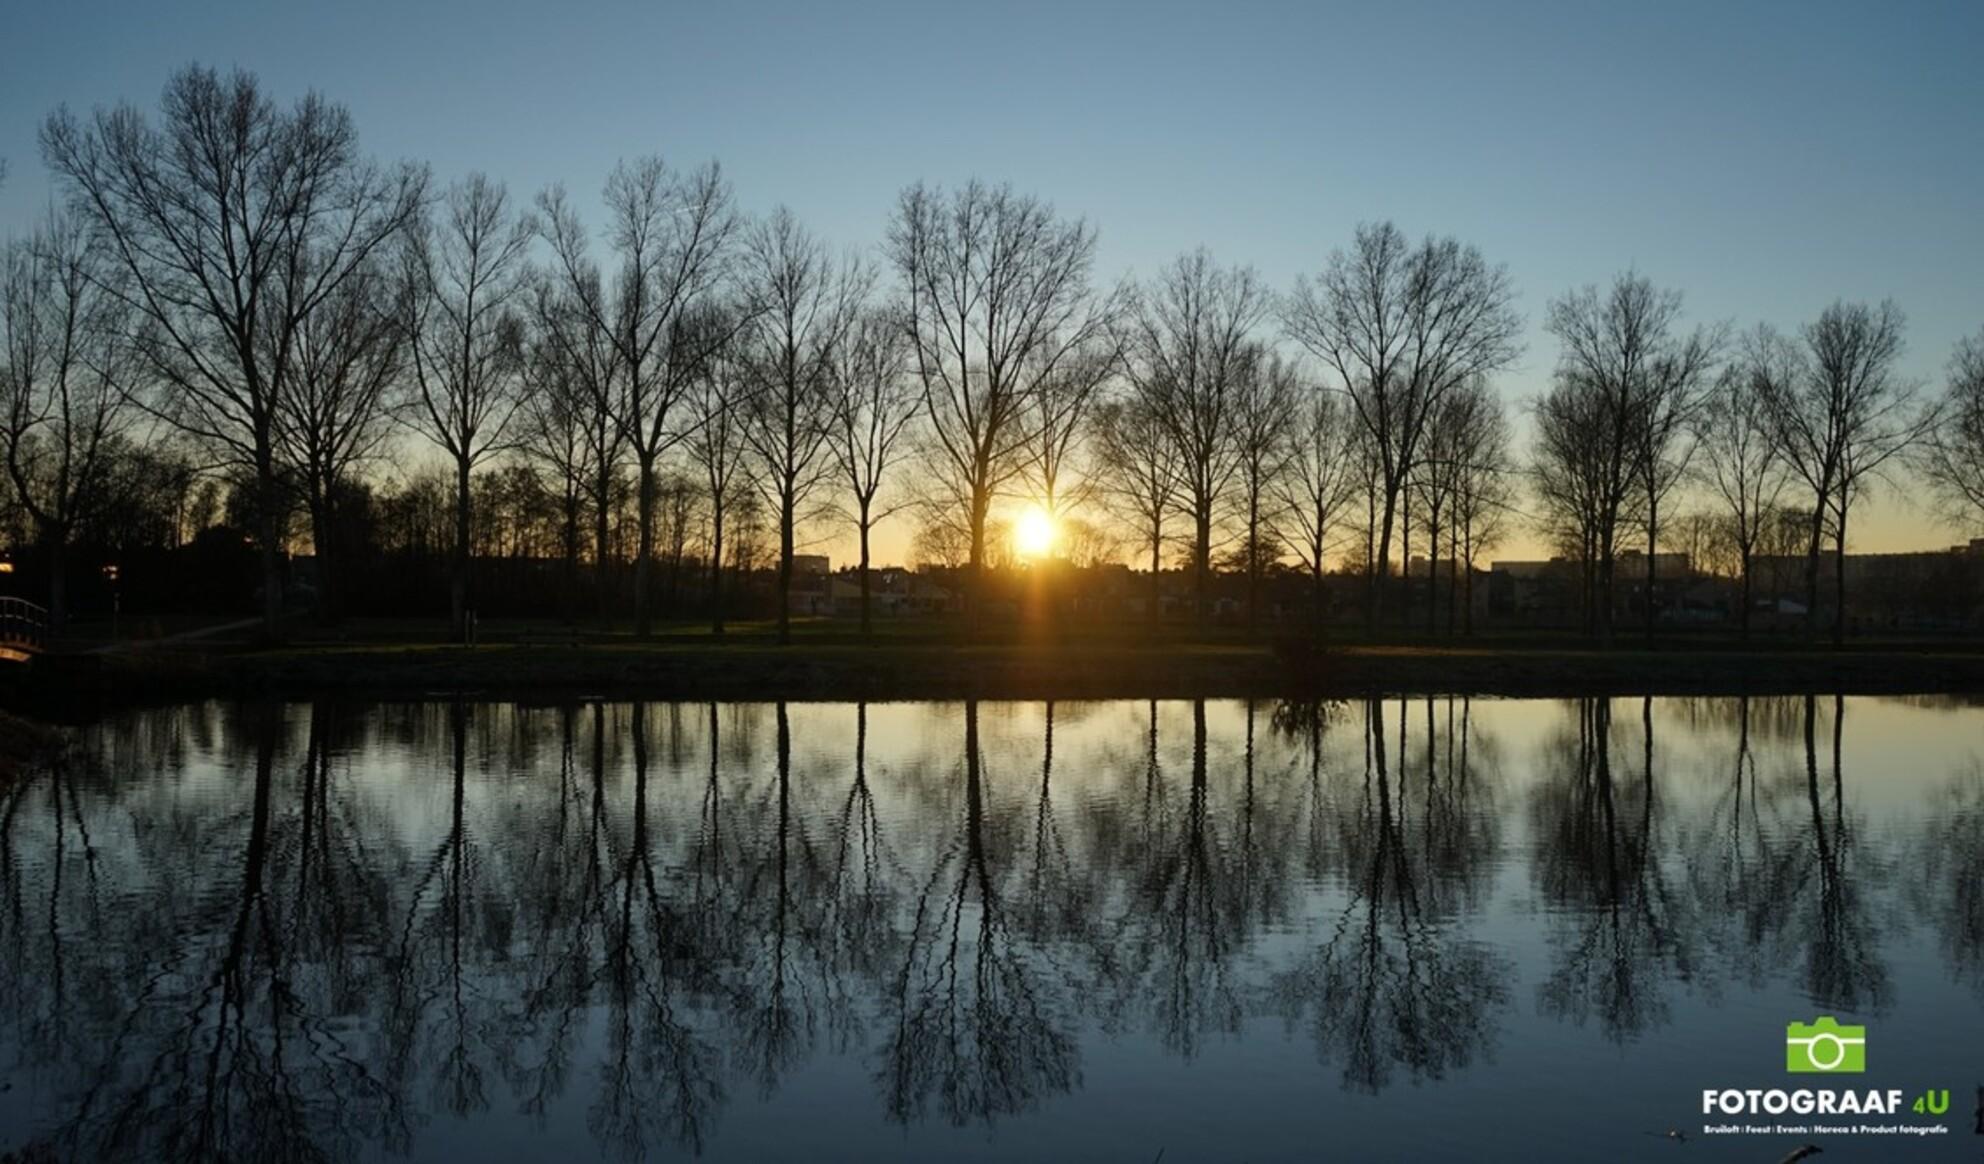 Ondergaande (winter) Zon - Fotograaf4U - Ondergaande (winter) Zon - foto door Fotograaf4U op 24-02-2019 - deze foto bevat: zon, water, sunset, natuur, zonsondergang, landschap, tegenlicht, winter landschap, water reflectie, zon schijnt door de bomen, ondergaande winter zon